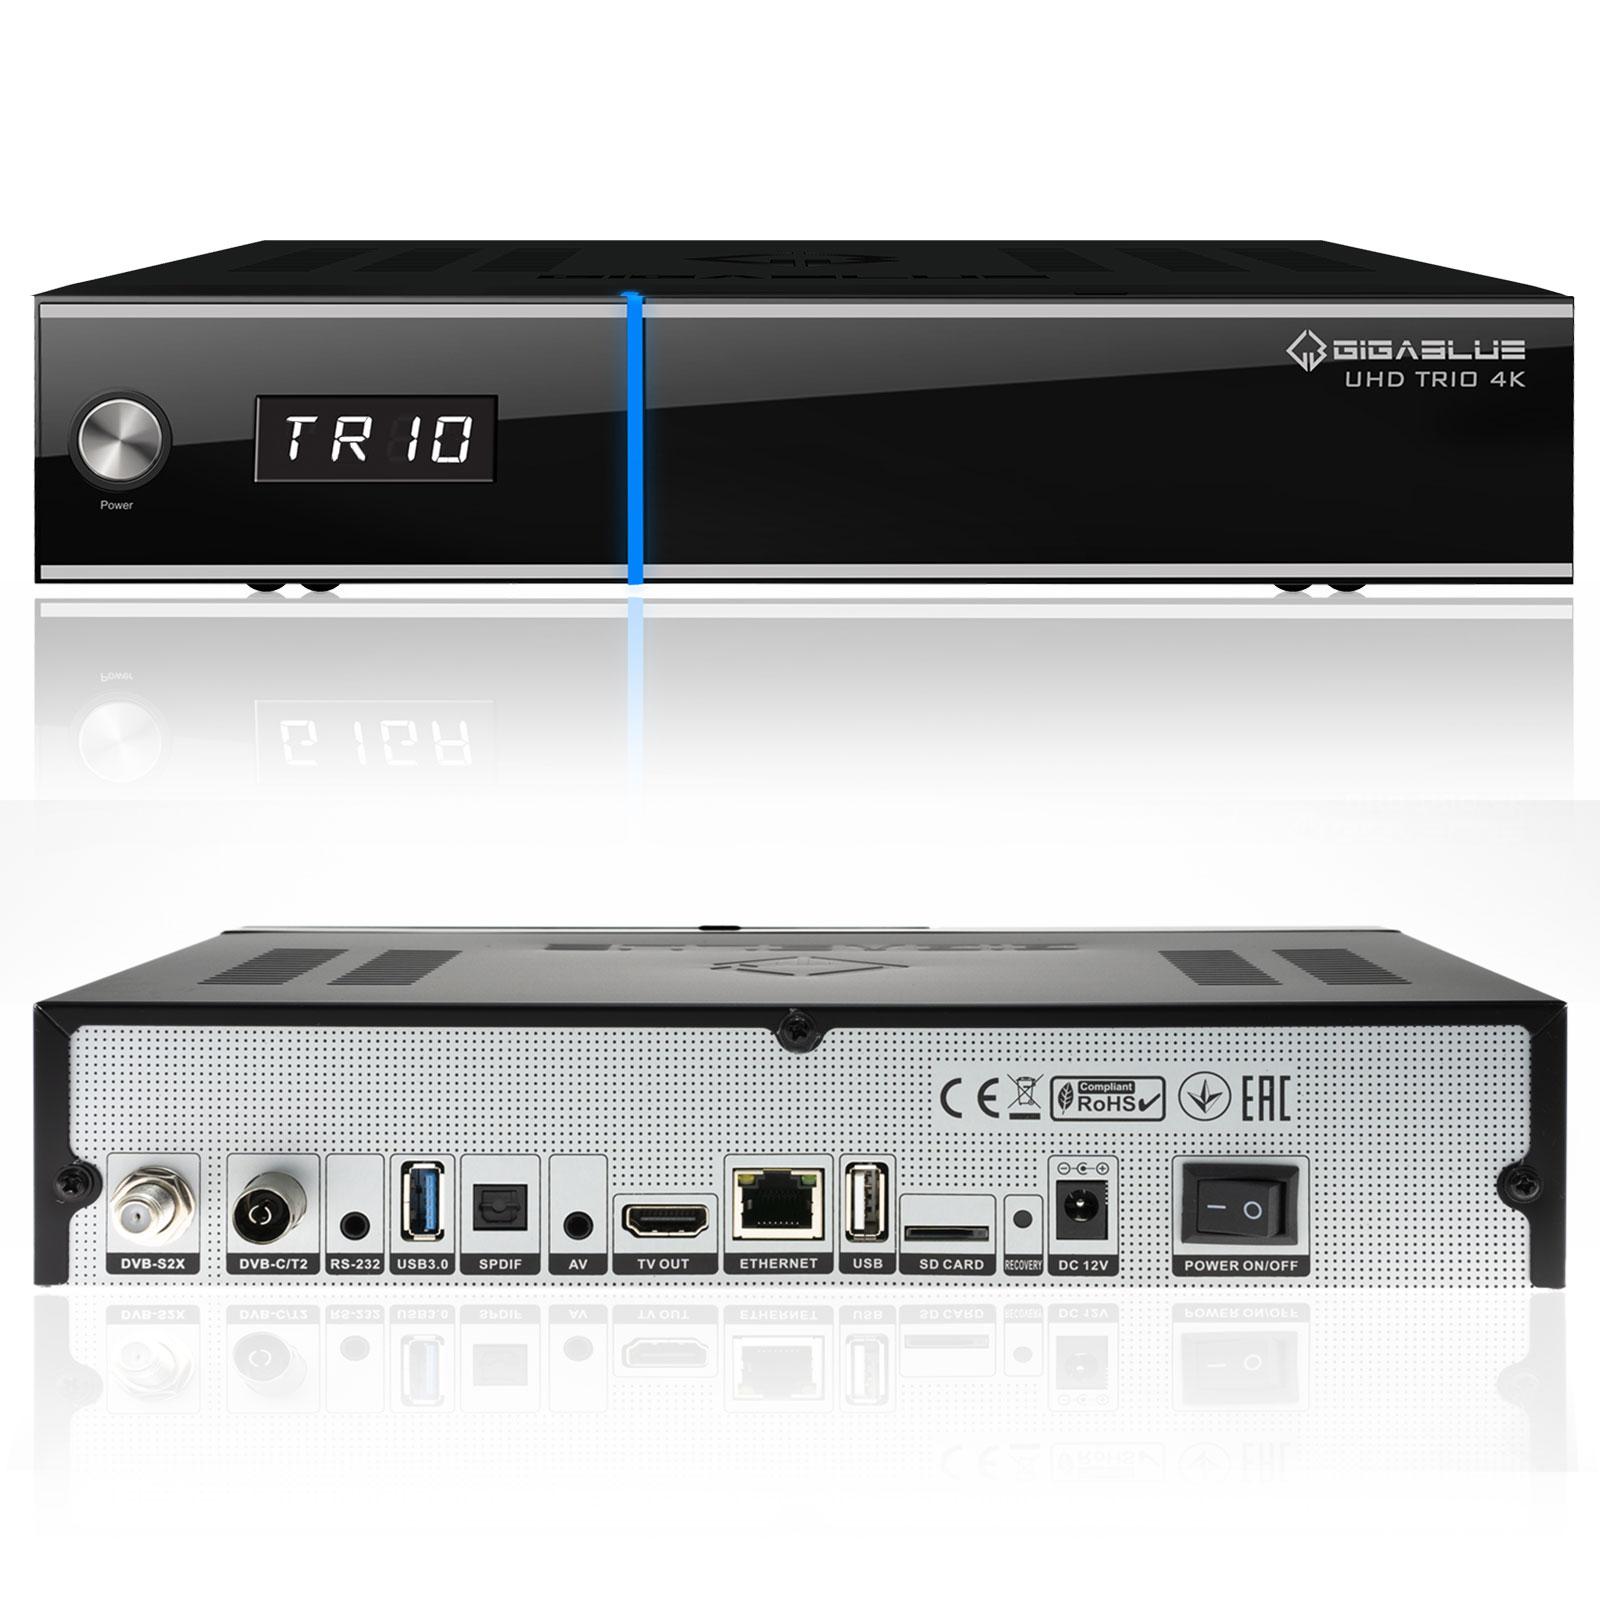 Gigablue UHD Trio 4K Box SAT-Receiver DVB-S2x DVB-C2 DVB-T2